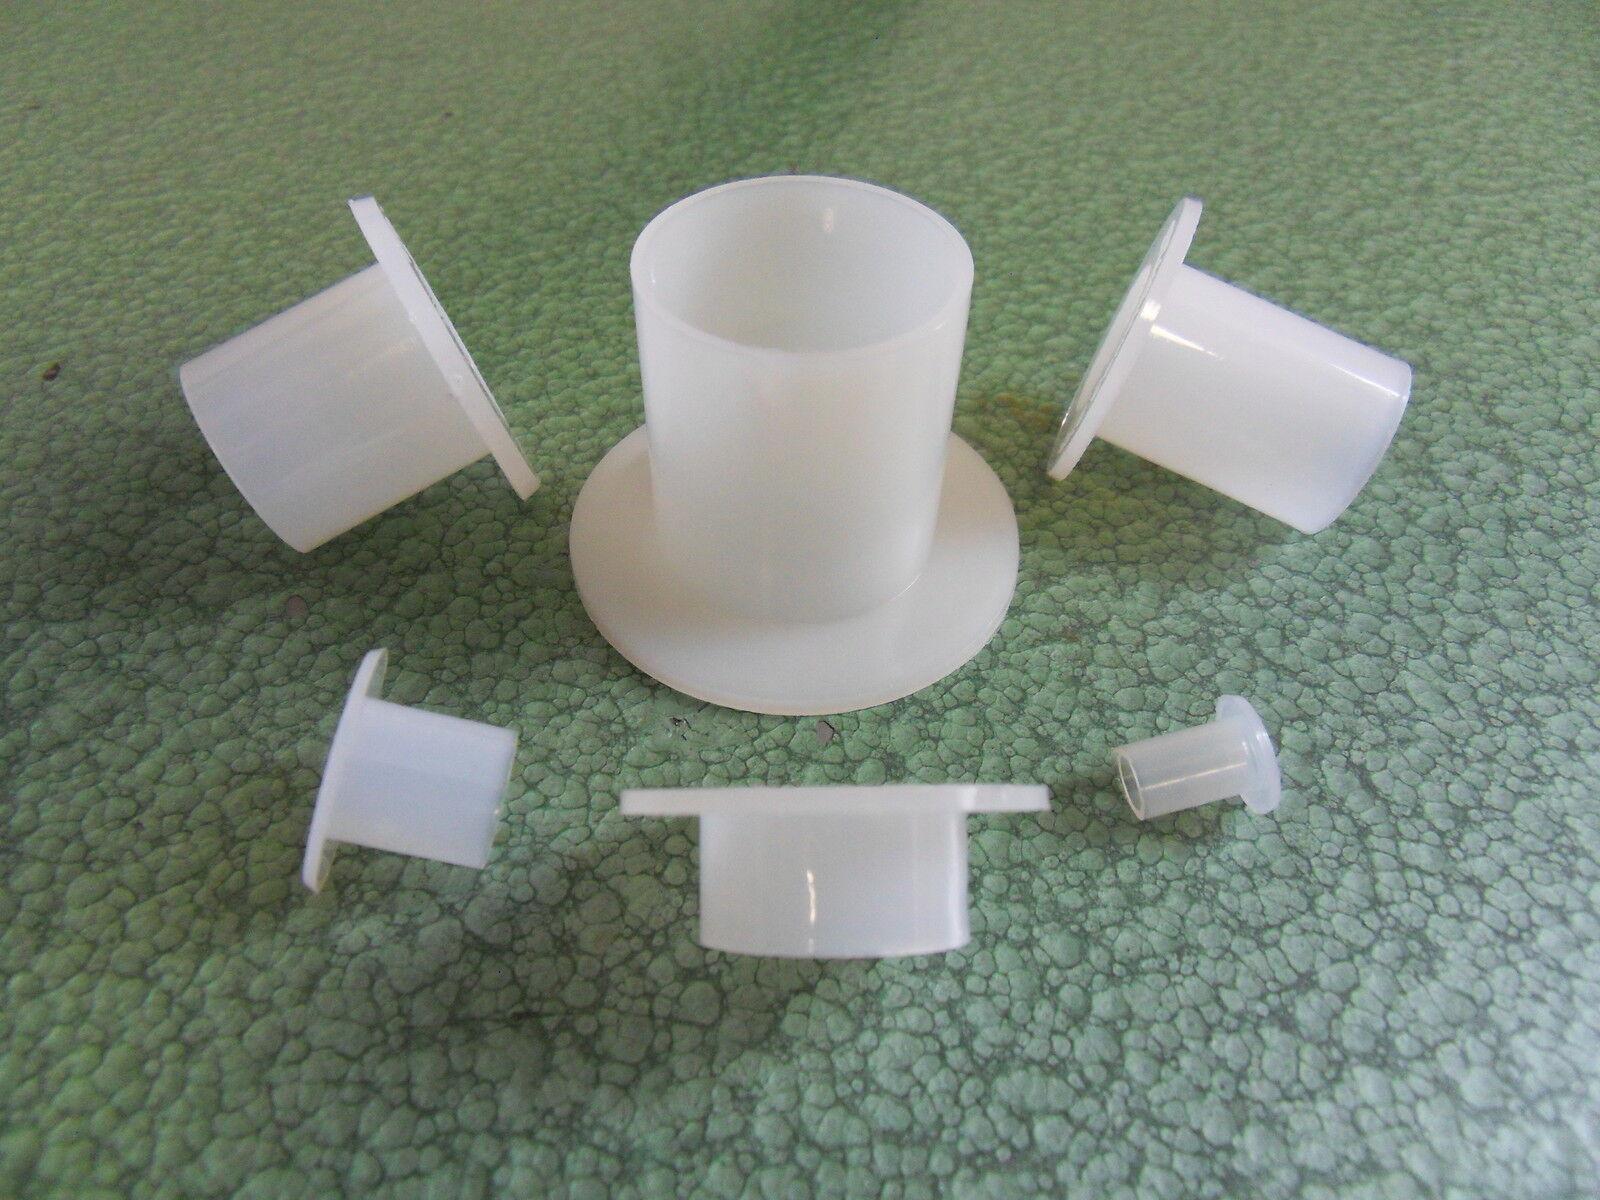 Isolierhülse aus Kunststoff PA6 natur M12-M42 Isolierhülsen Schrauben Korrosion